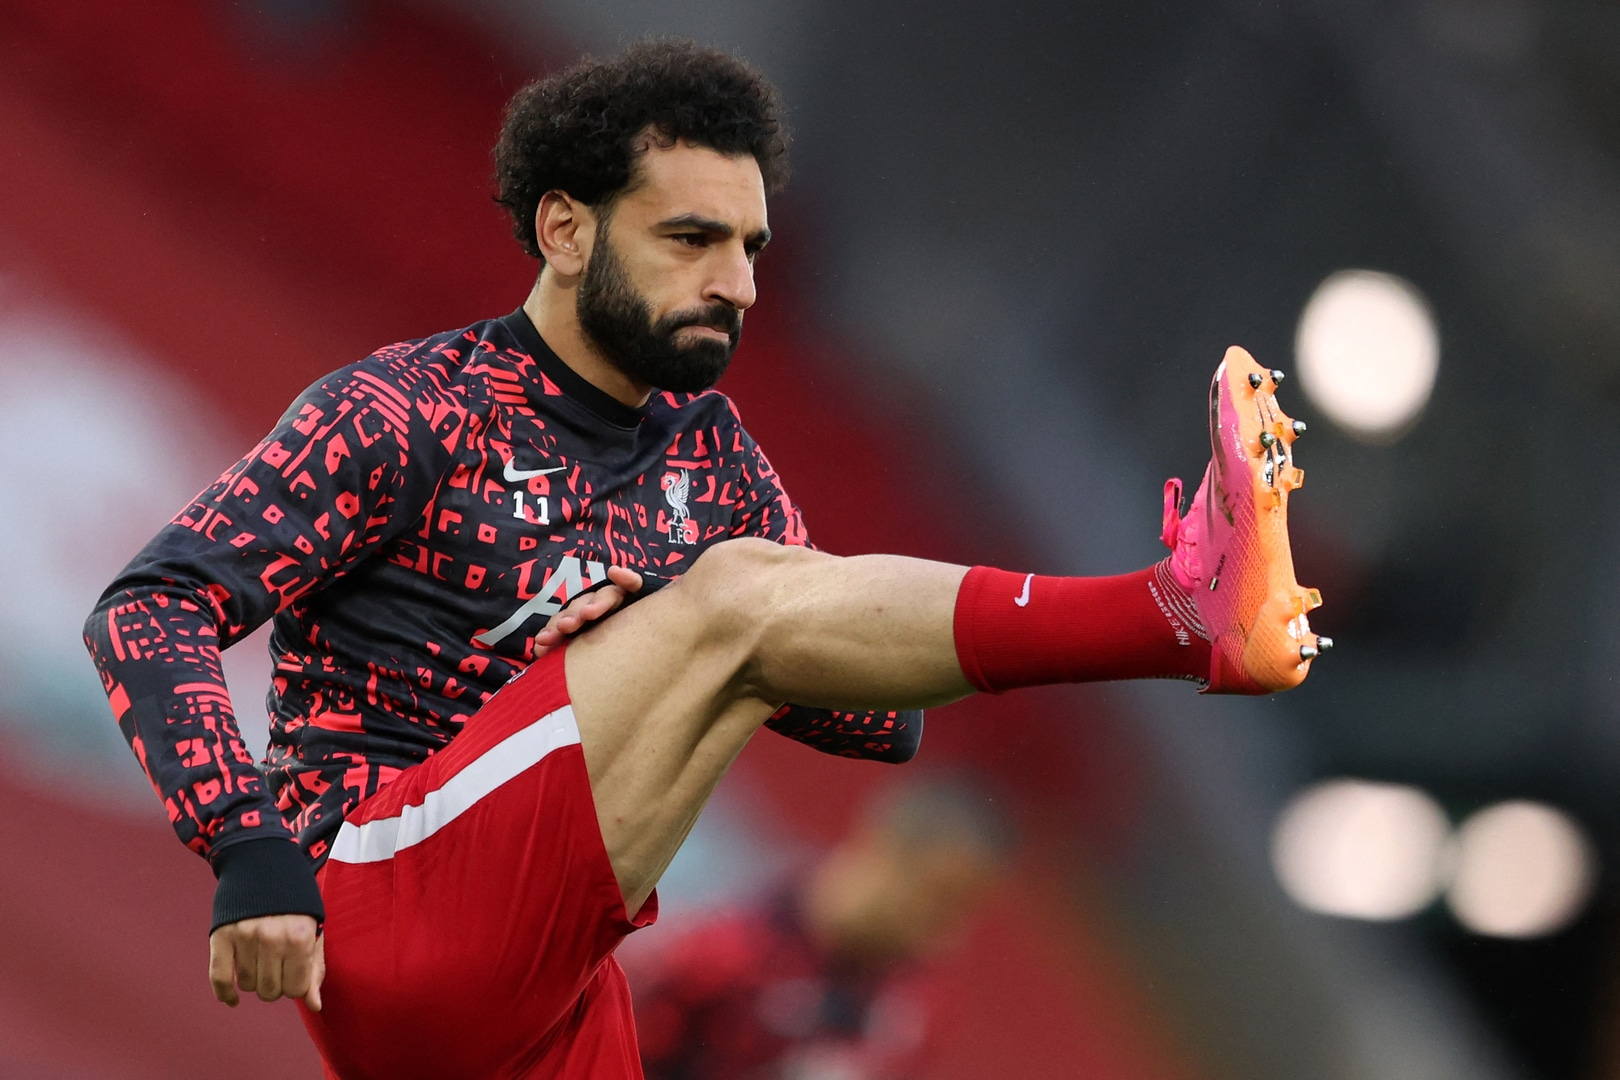 محمد صلاح ينشر صورة جديدة وهو يستعرض عضلاته المفتولة (صور)